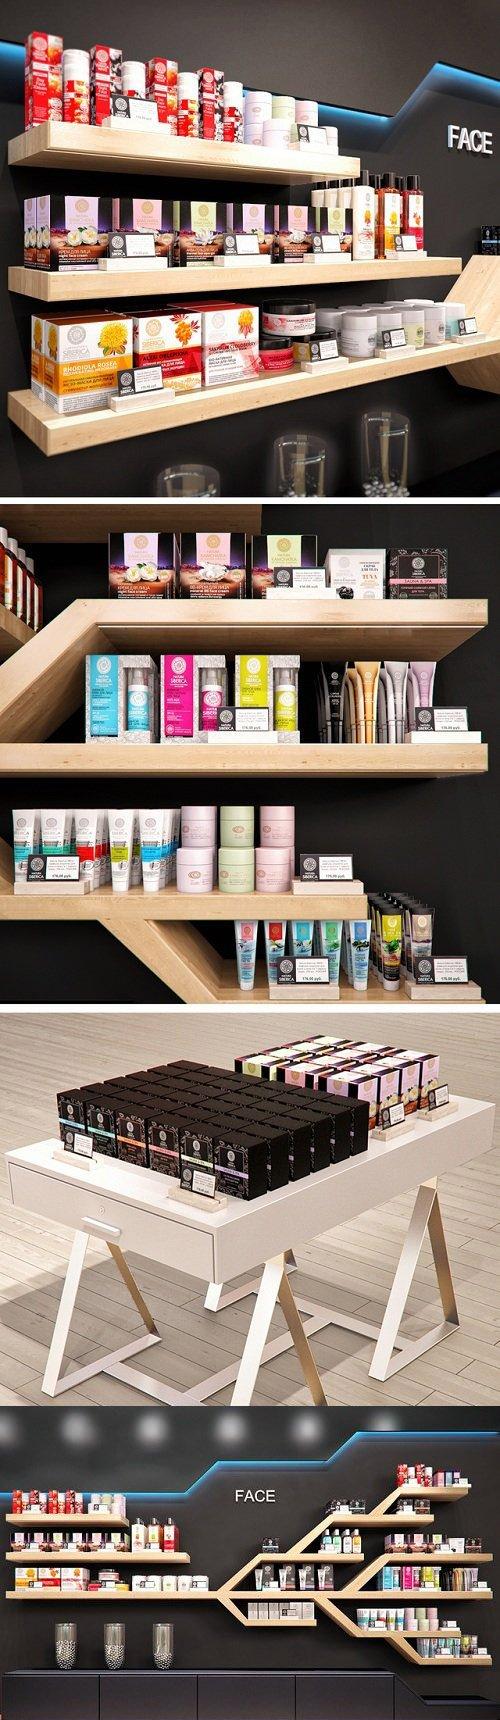 Cosmetics store